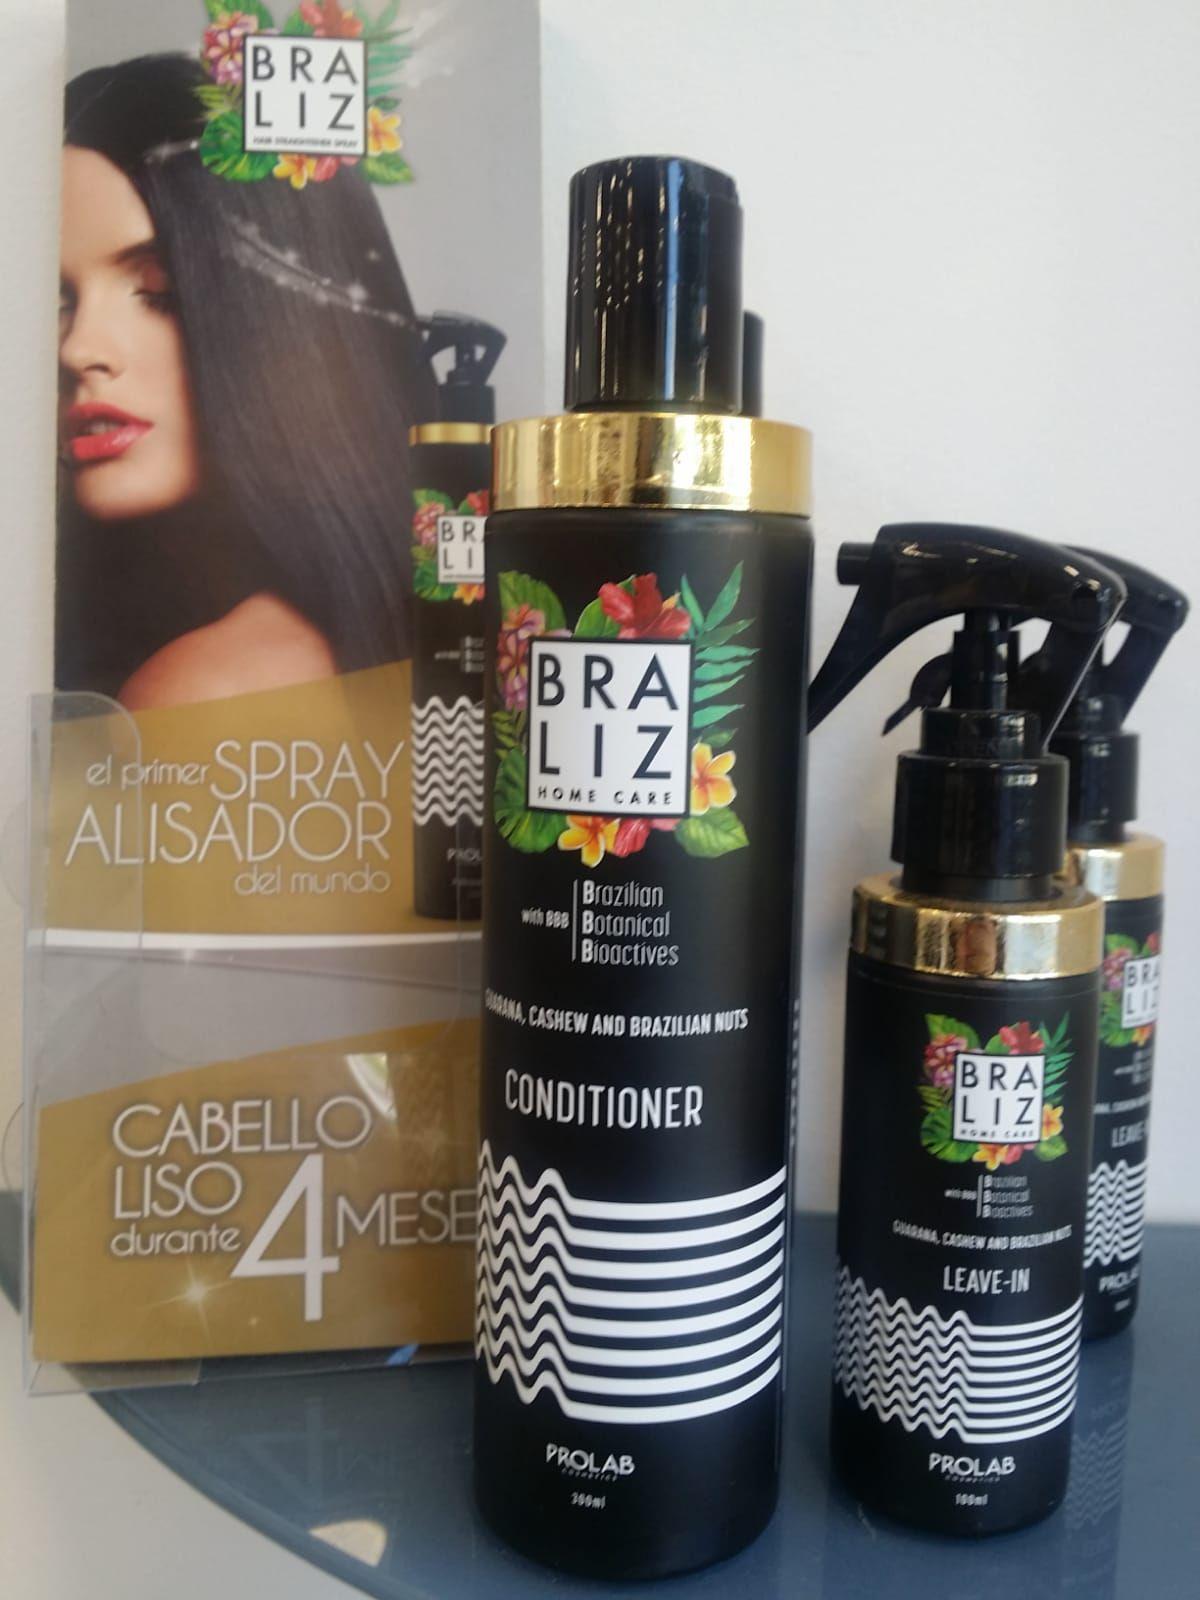 Producto innovador con botánica brasileña